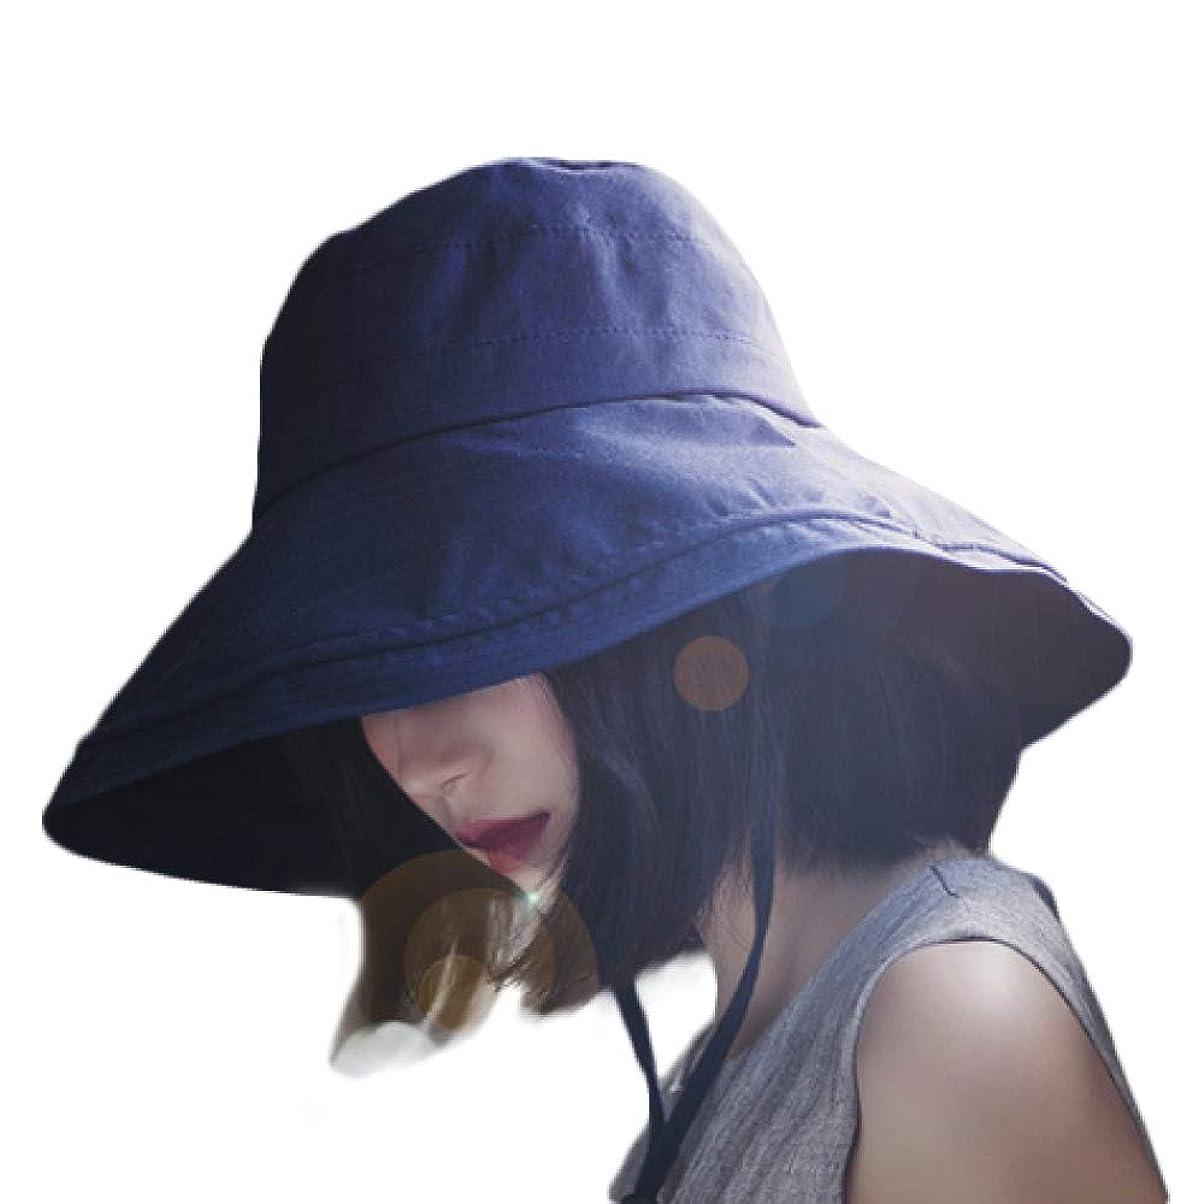 送った肥料ご覧ください【Ludus Felix】UV カット帽子 UPF50+ レディース 春夏 日よけ帽子 ハット 紫外線対策 熱中症予防 折りたたみ